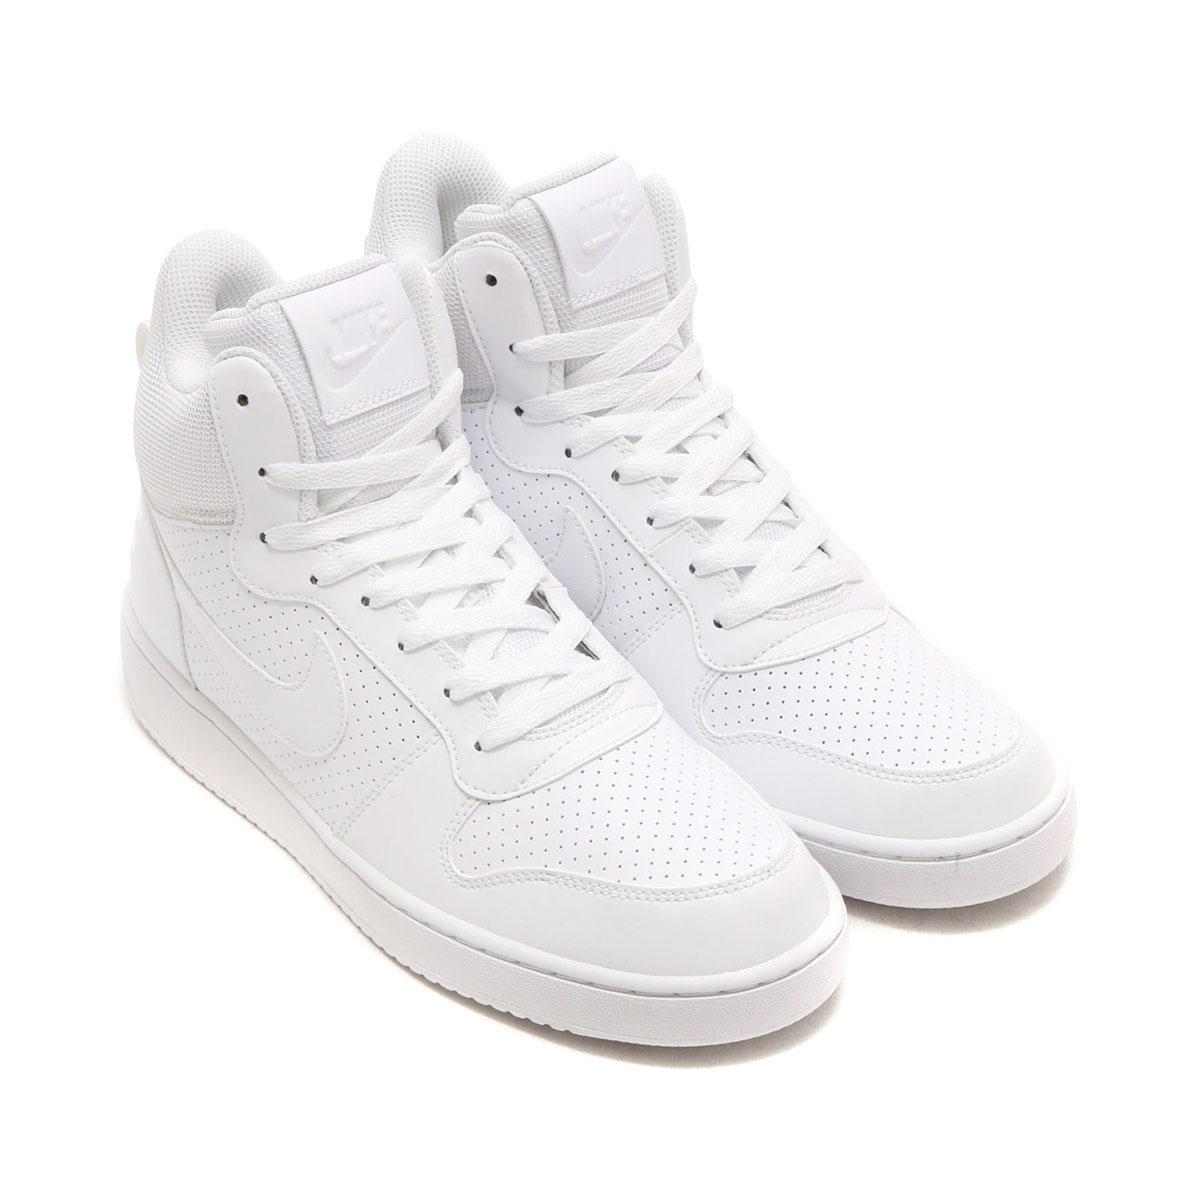 NIKE COURT BOROUGH MID SL (나이키 코트 로우 미드 SL) WHITE/WHITE-WHITE 16HO-I